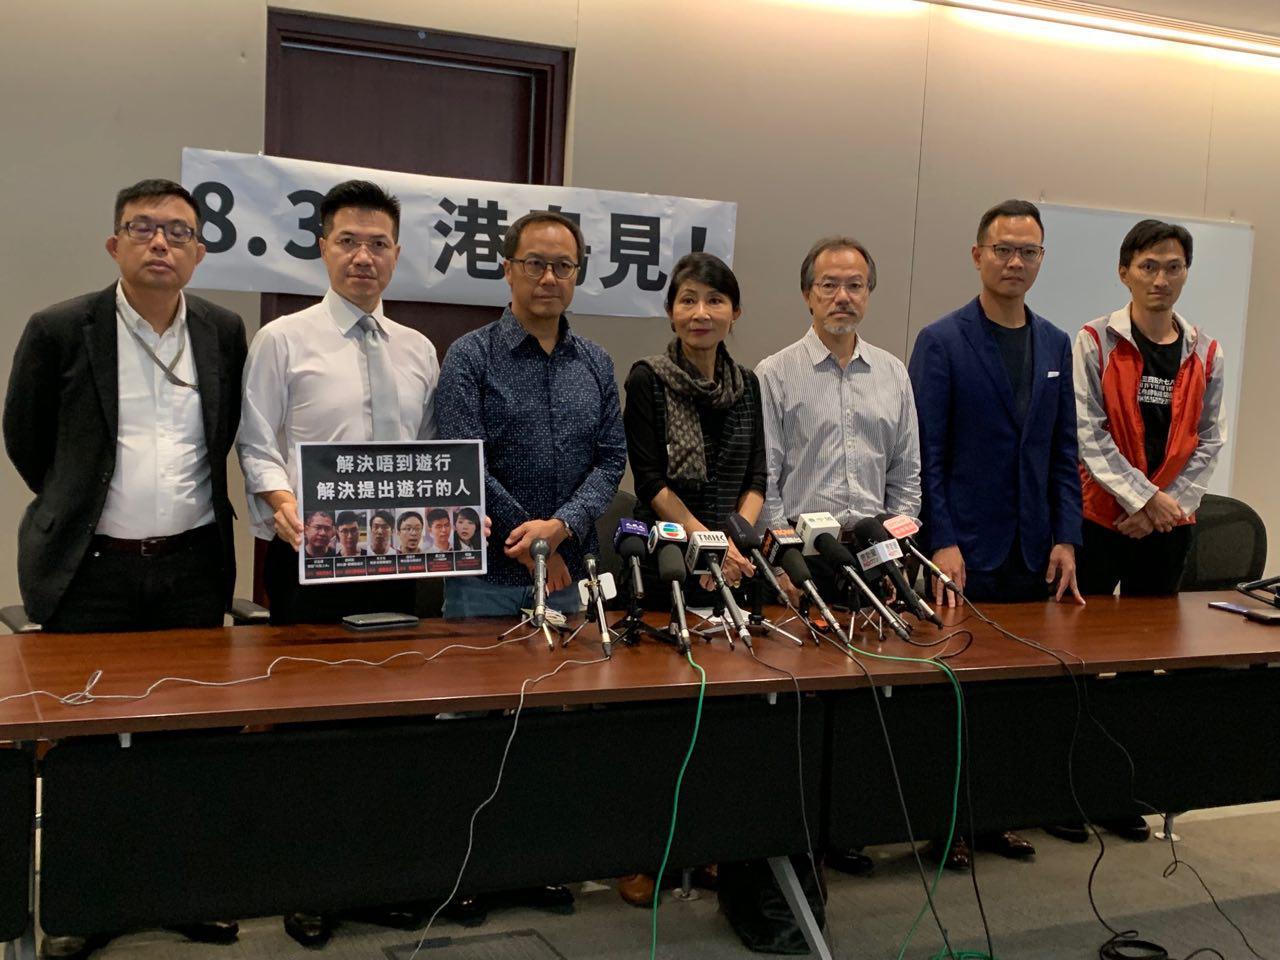 香港立法會7名議員在立法會內召開記者會。從左至右為:民主黨涂謹申,新民主同盟范國威,會計界梁繼昌,民主派會議召集人毛孟靜,工黨張超雄,法律界郭榮鏗,議會陣線朱凱迪。(駱亞/大紀元)